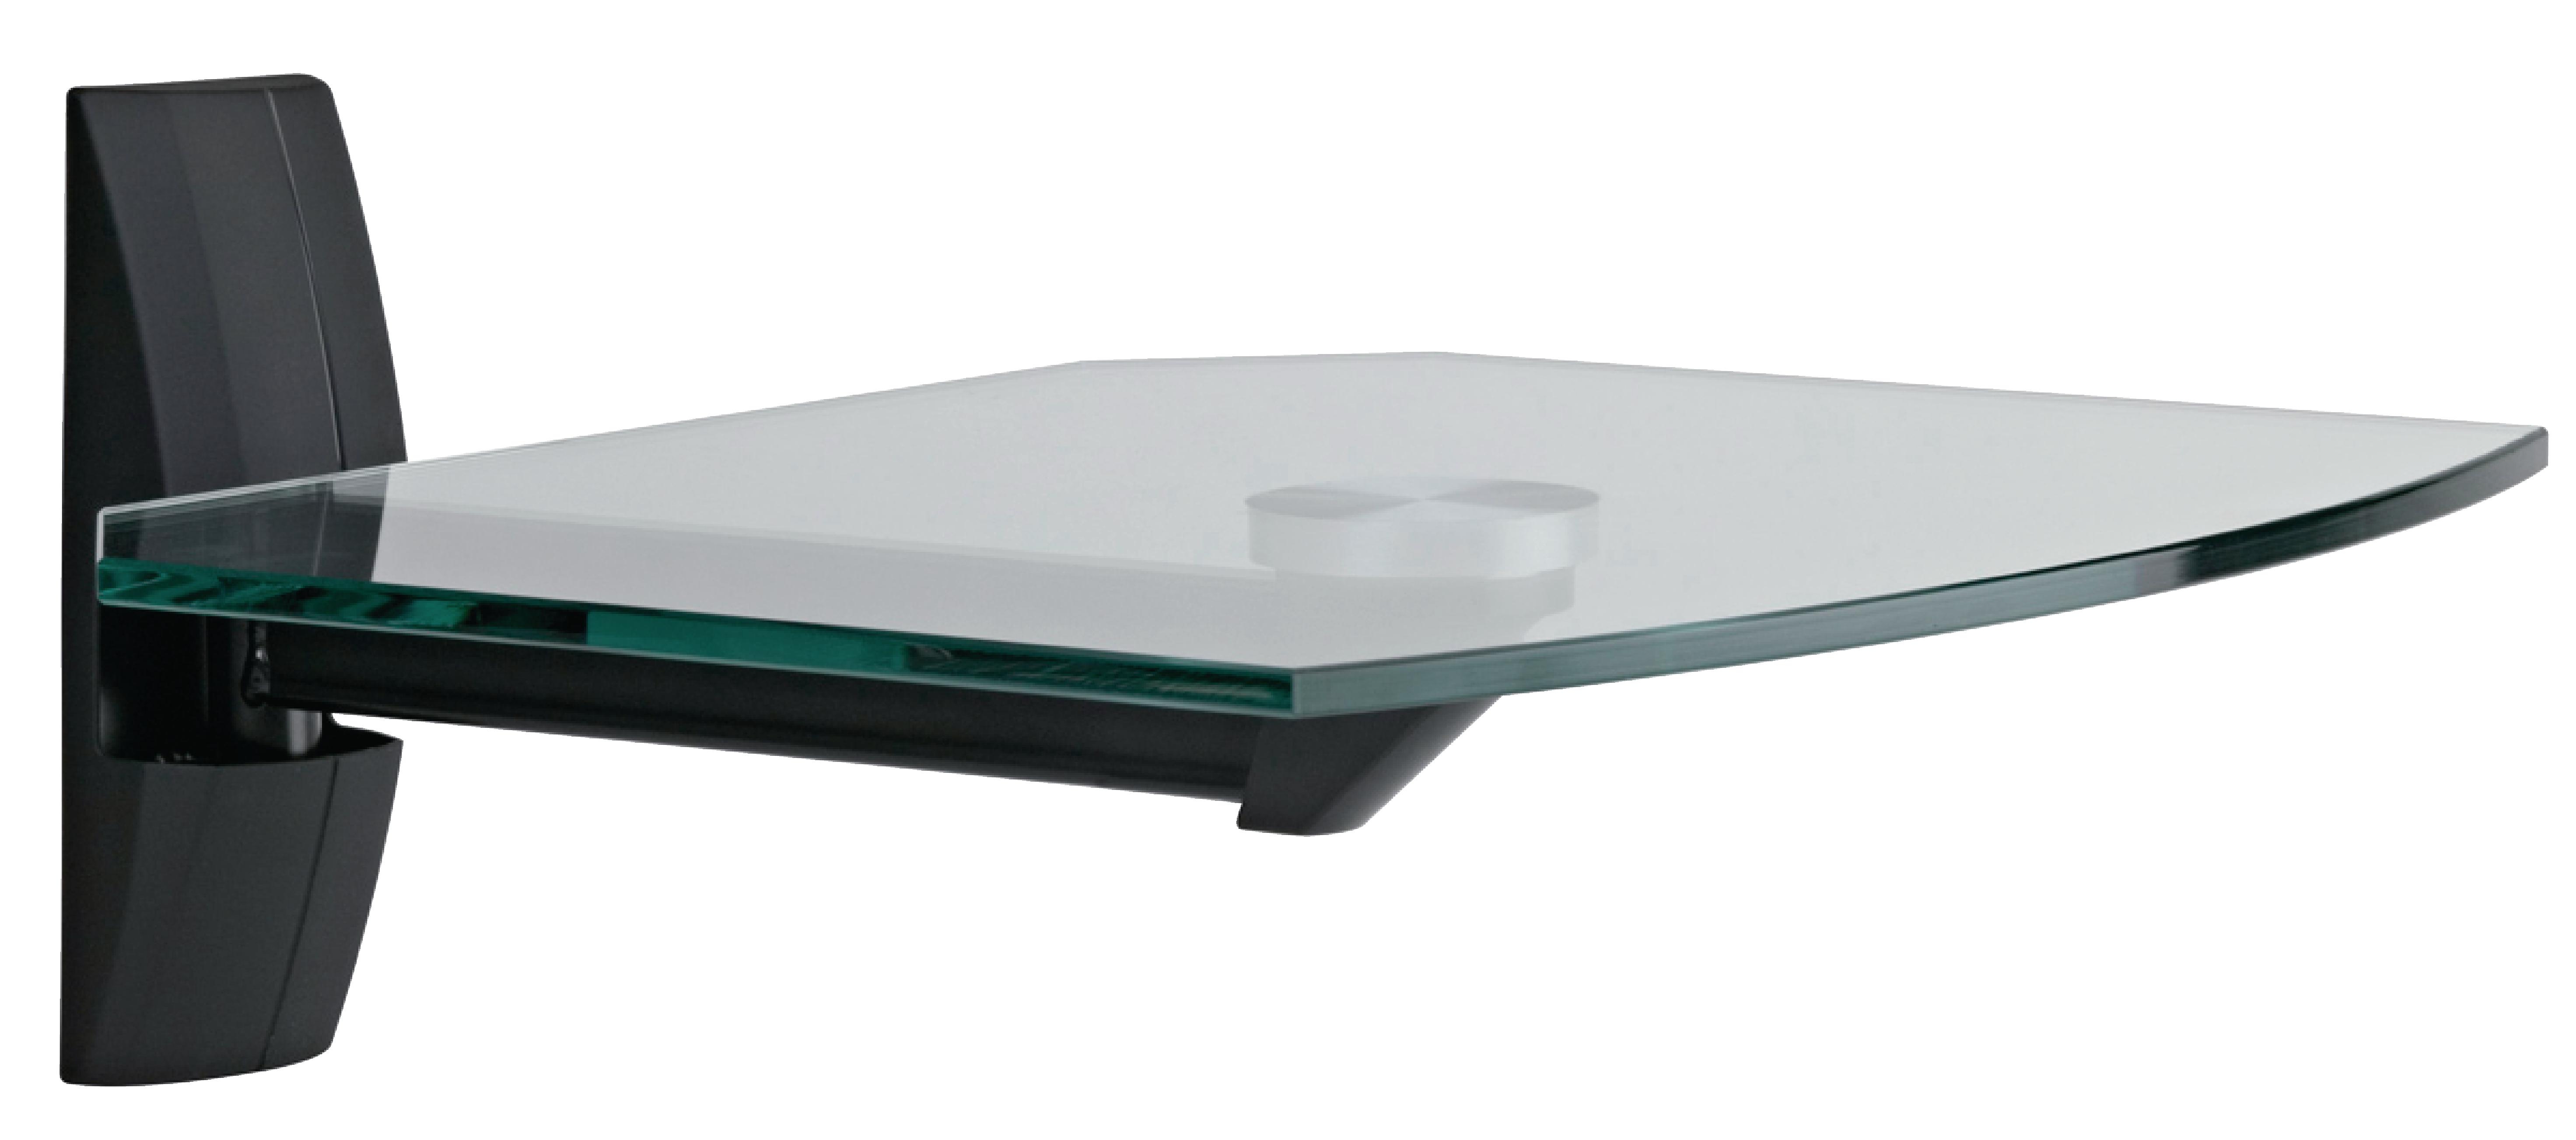 Omnimount police na DVD, Hi-Fi, SAT skleněná, otočná 457 x 571 x 231 mm, 13.6 kg (OMN-ECSB)